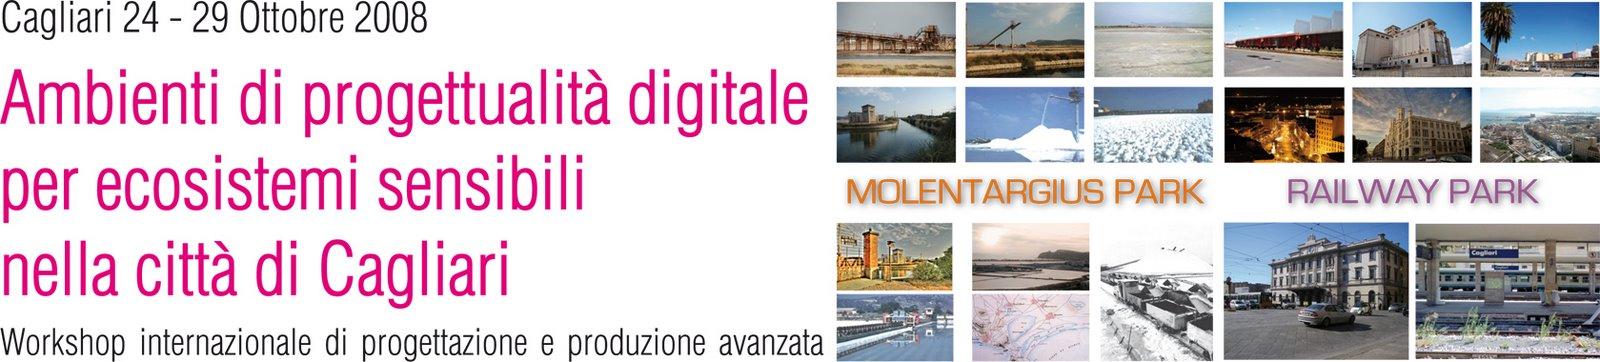 Workshop Internazionale: Ambienti di progettualità digitale per ecosistemi sensibili nella città di